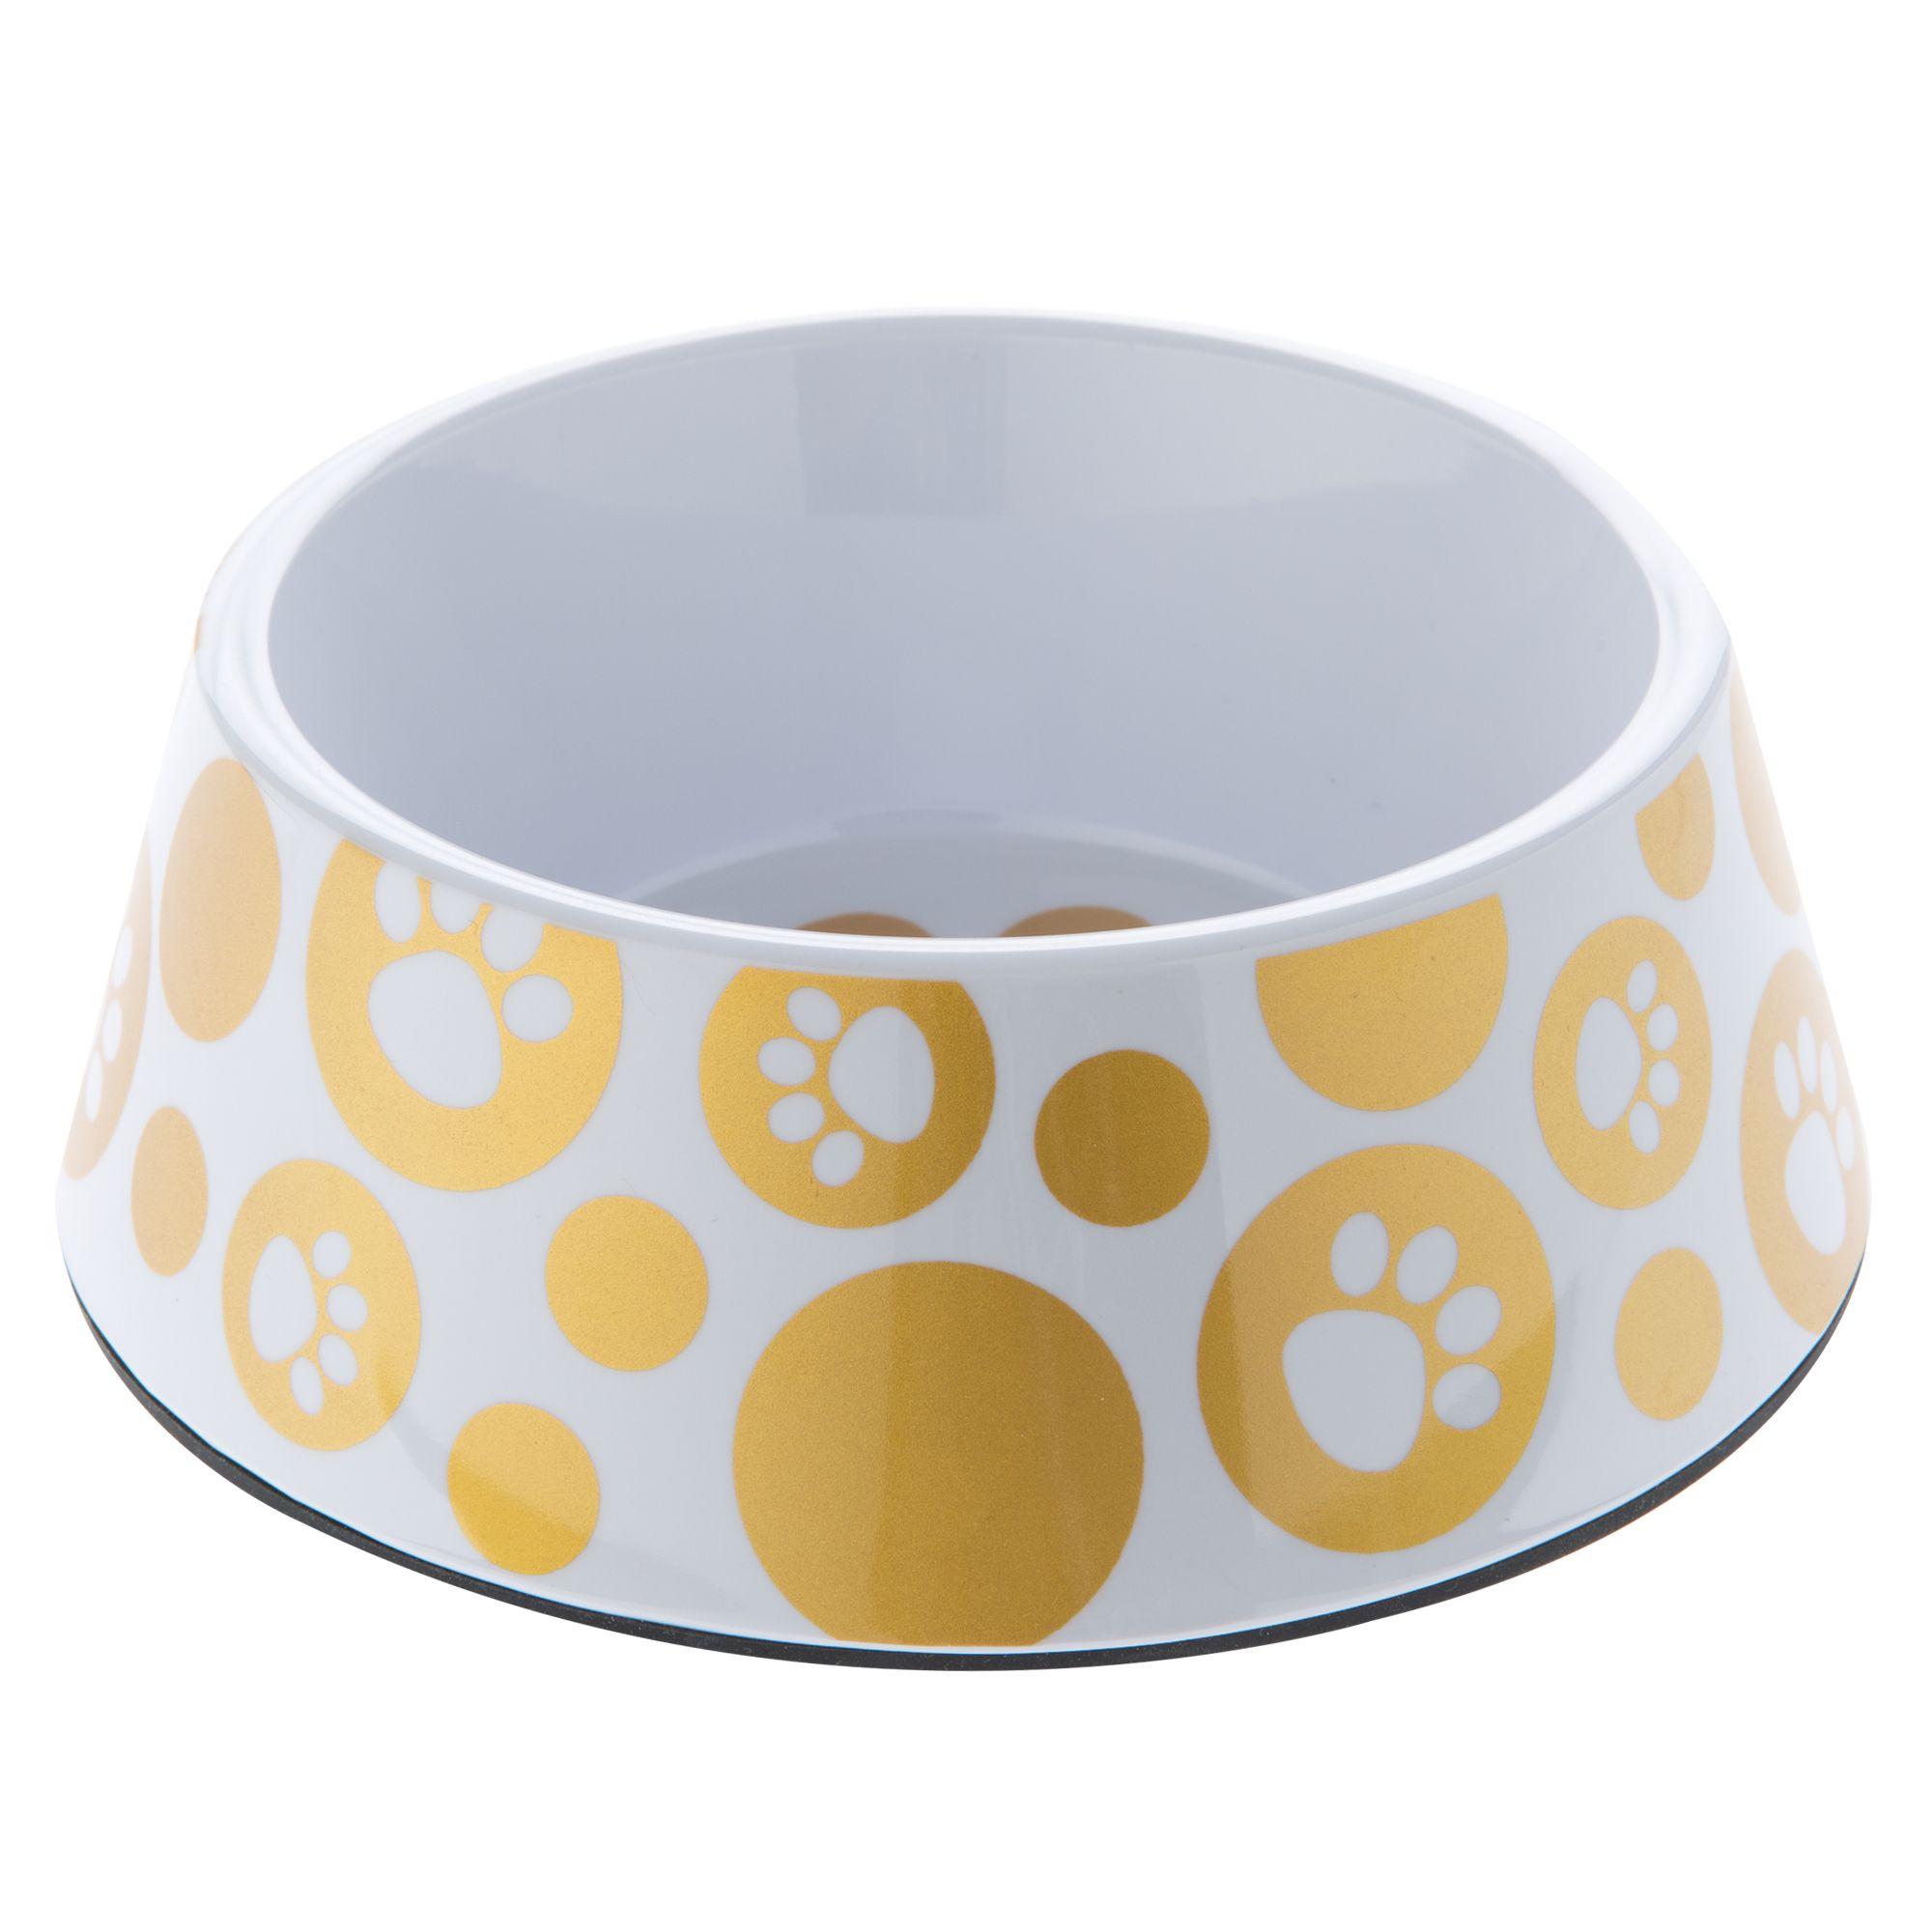 Top Paw Glitz Paws Dog Bowl size: 3 C, White 5250220